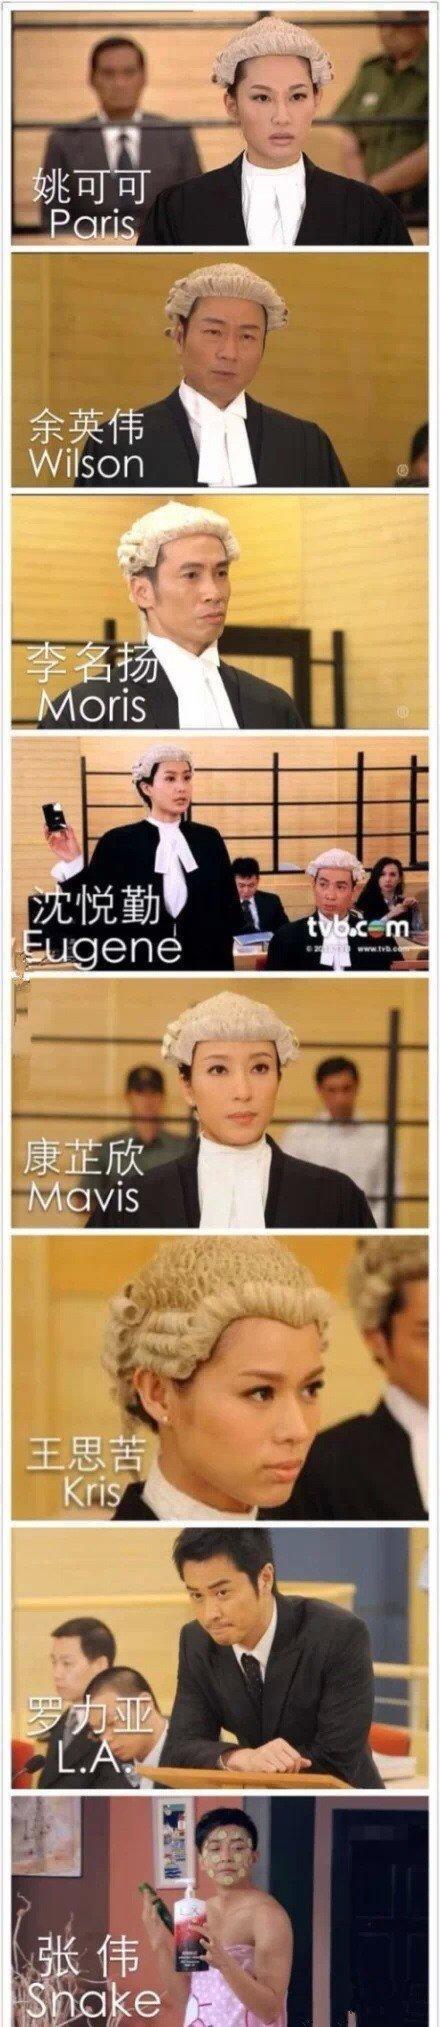 同样是律师,最后一个能严肃点吗